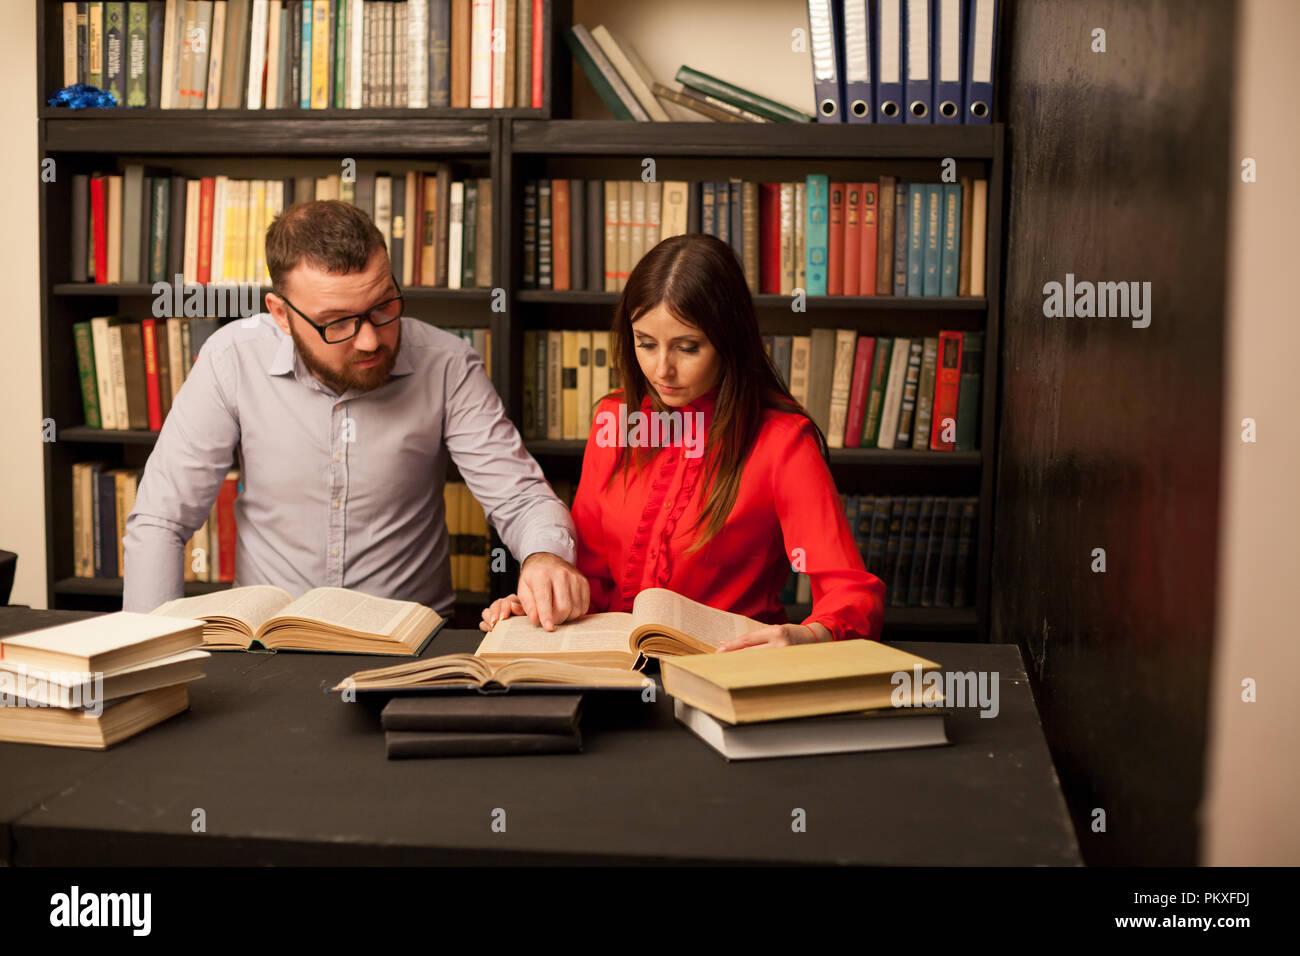 Ein Mann und eine Frau lesen Bücher in der Bibliothek sind die Vorbereitung auf die Prüfung 1. Stockbild